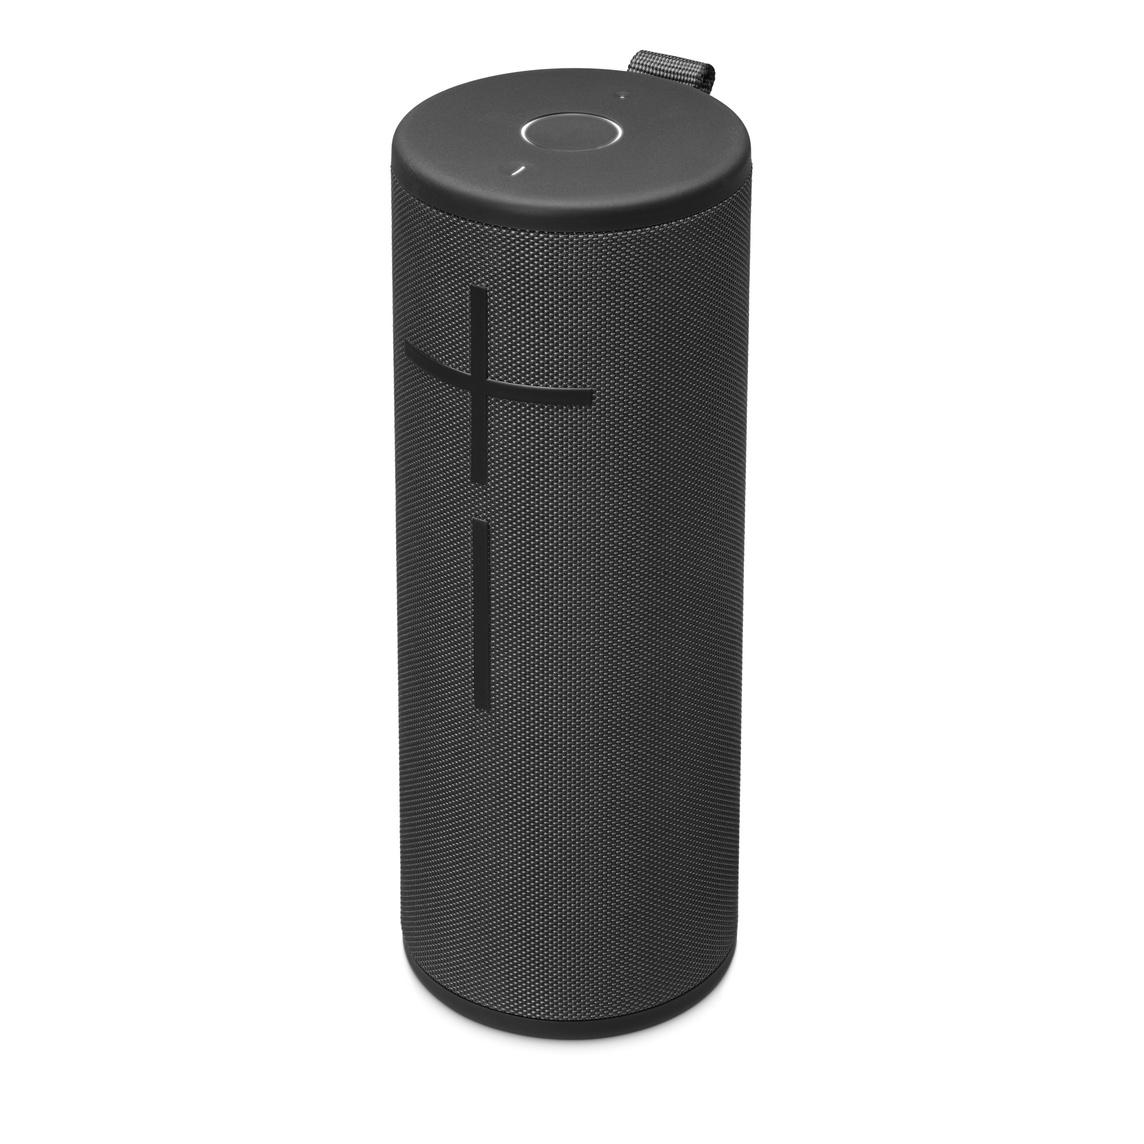 MEGABOOM 3 Bluetooth Speaker | Ultimate